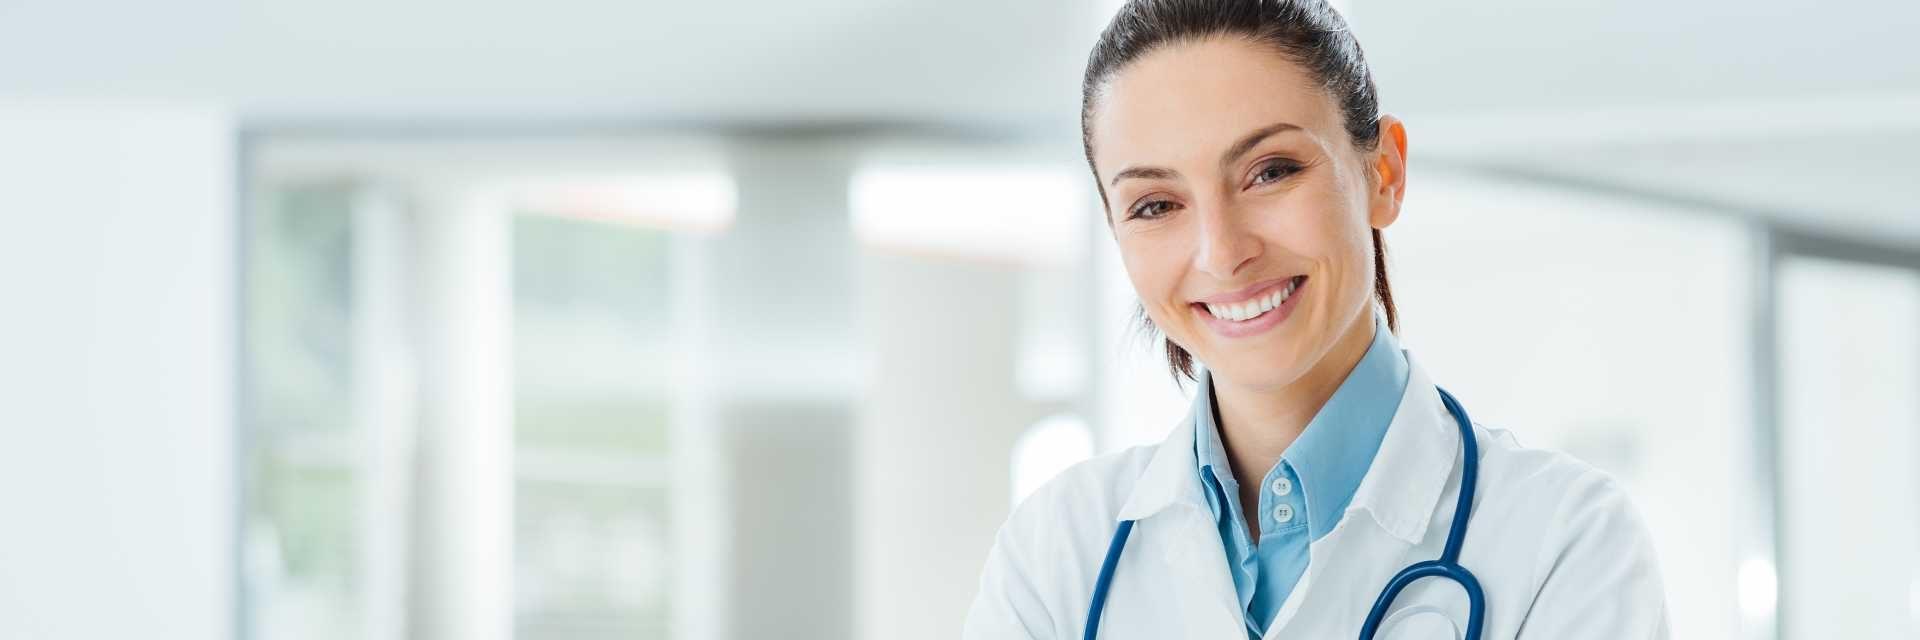 Zuversichtlich Ärztin, die am Schreibtisch sitzt und an Kamera-, Gesundheits- und Präventionskonzept lächelt